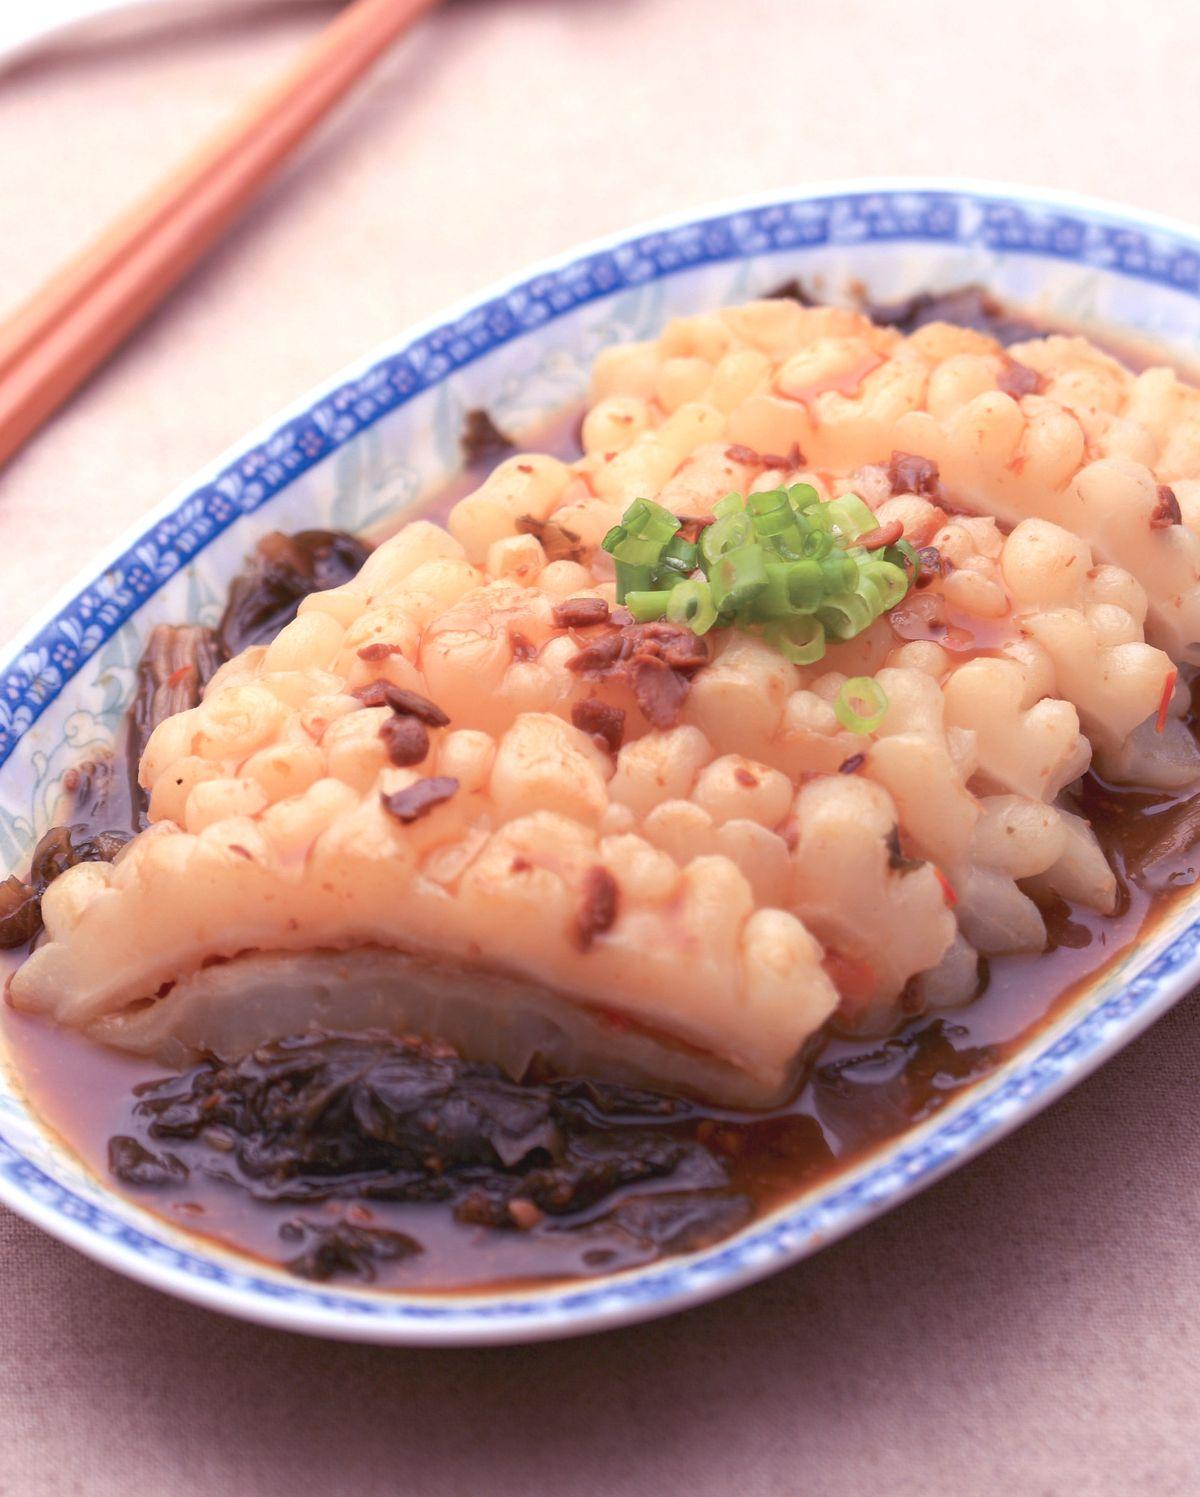 食譜:梅乾菜滷苦瓜